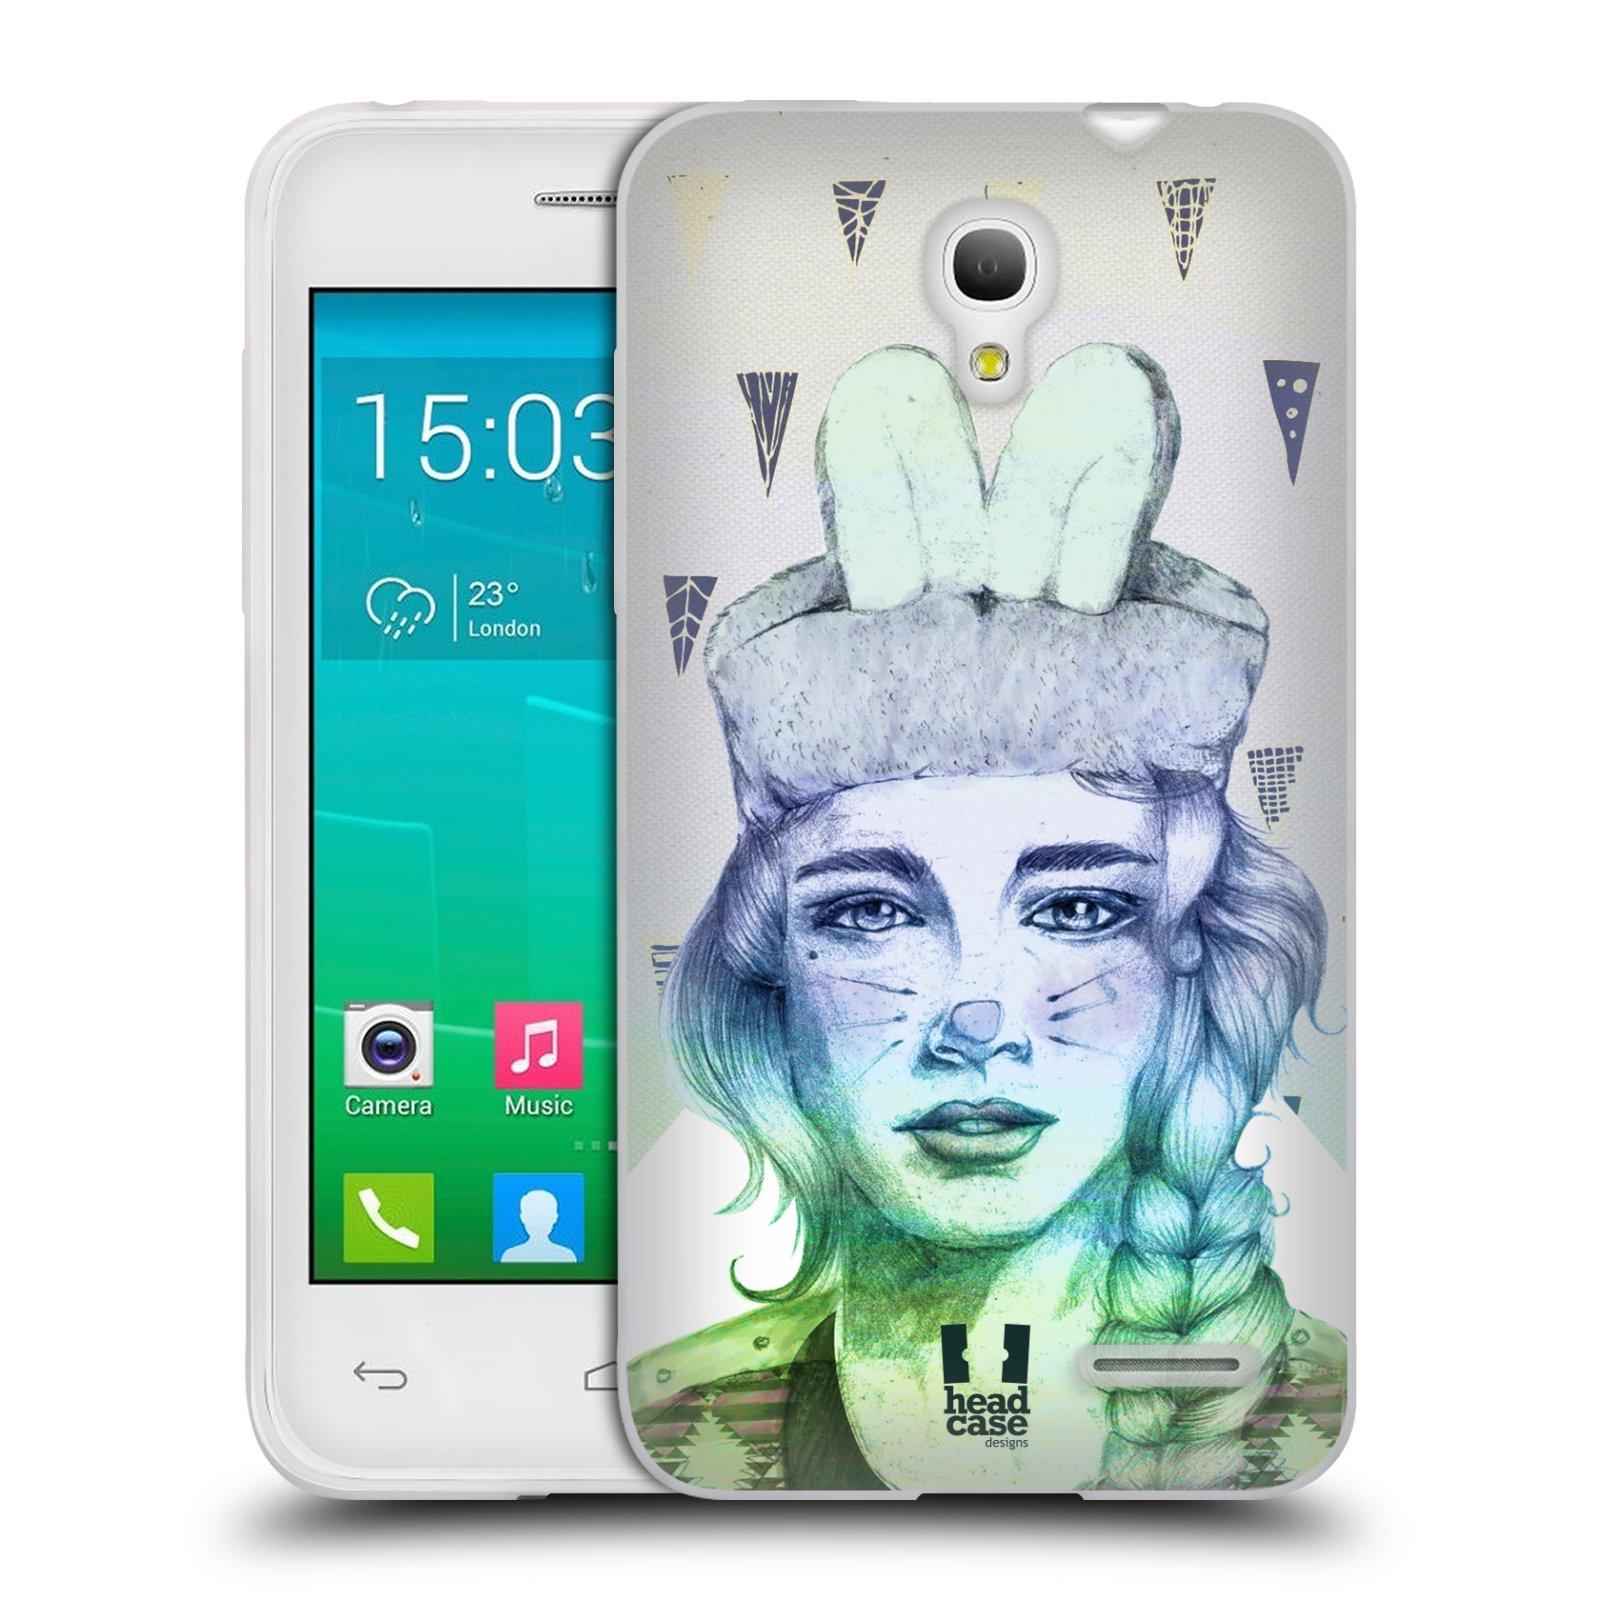 HEAD CASE silikonový obal na mobil Alcatel POP S3 OT-5050Y vzor Děvče zvířecí tématika zajíček triangl